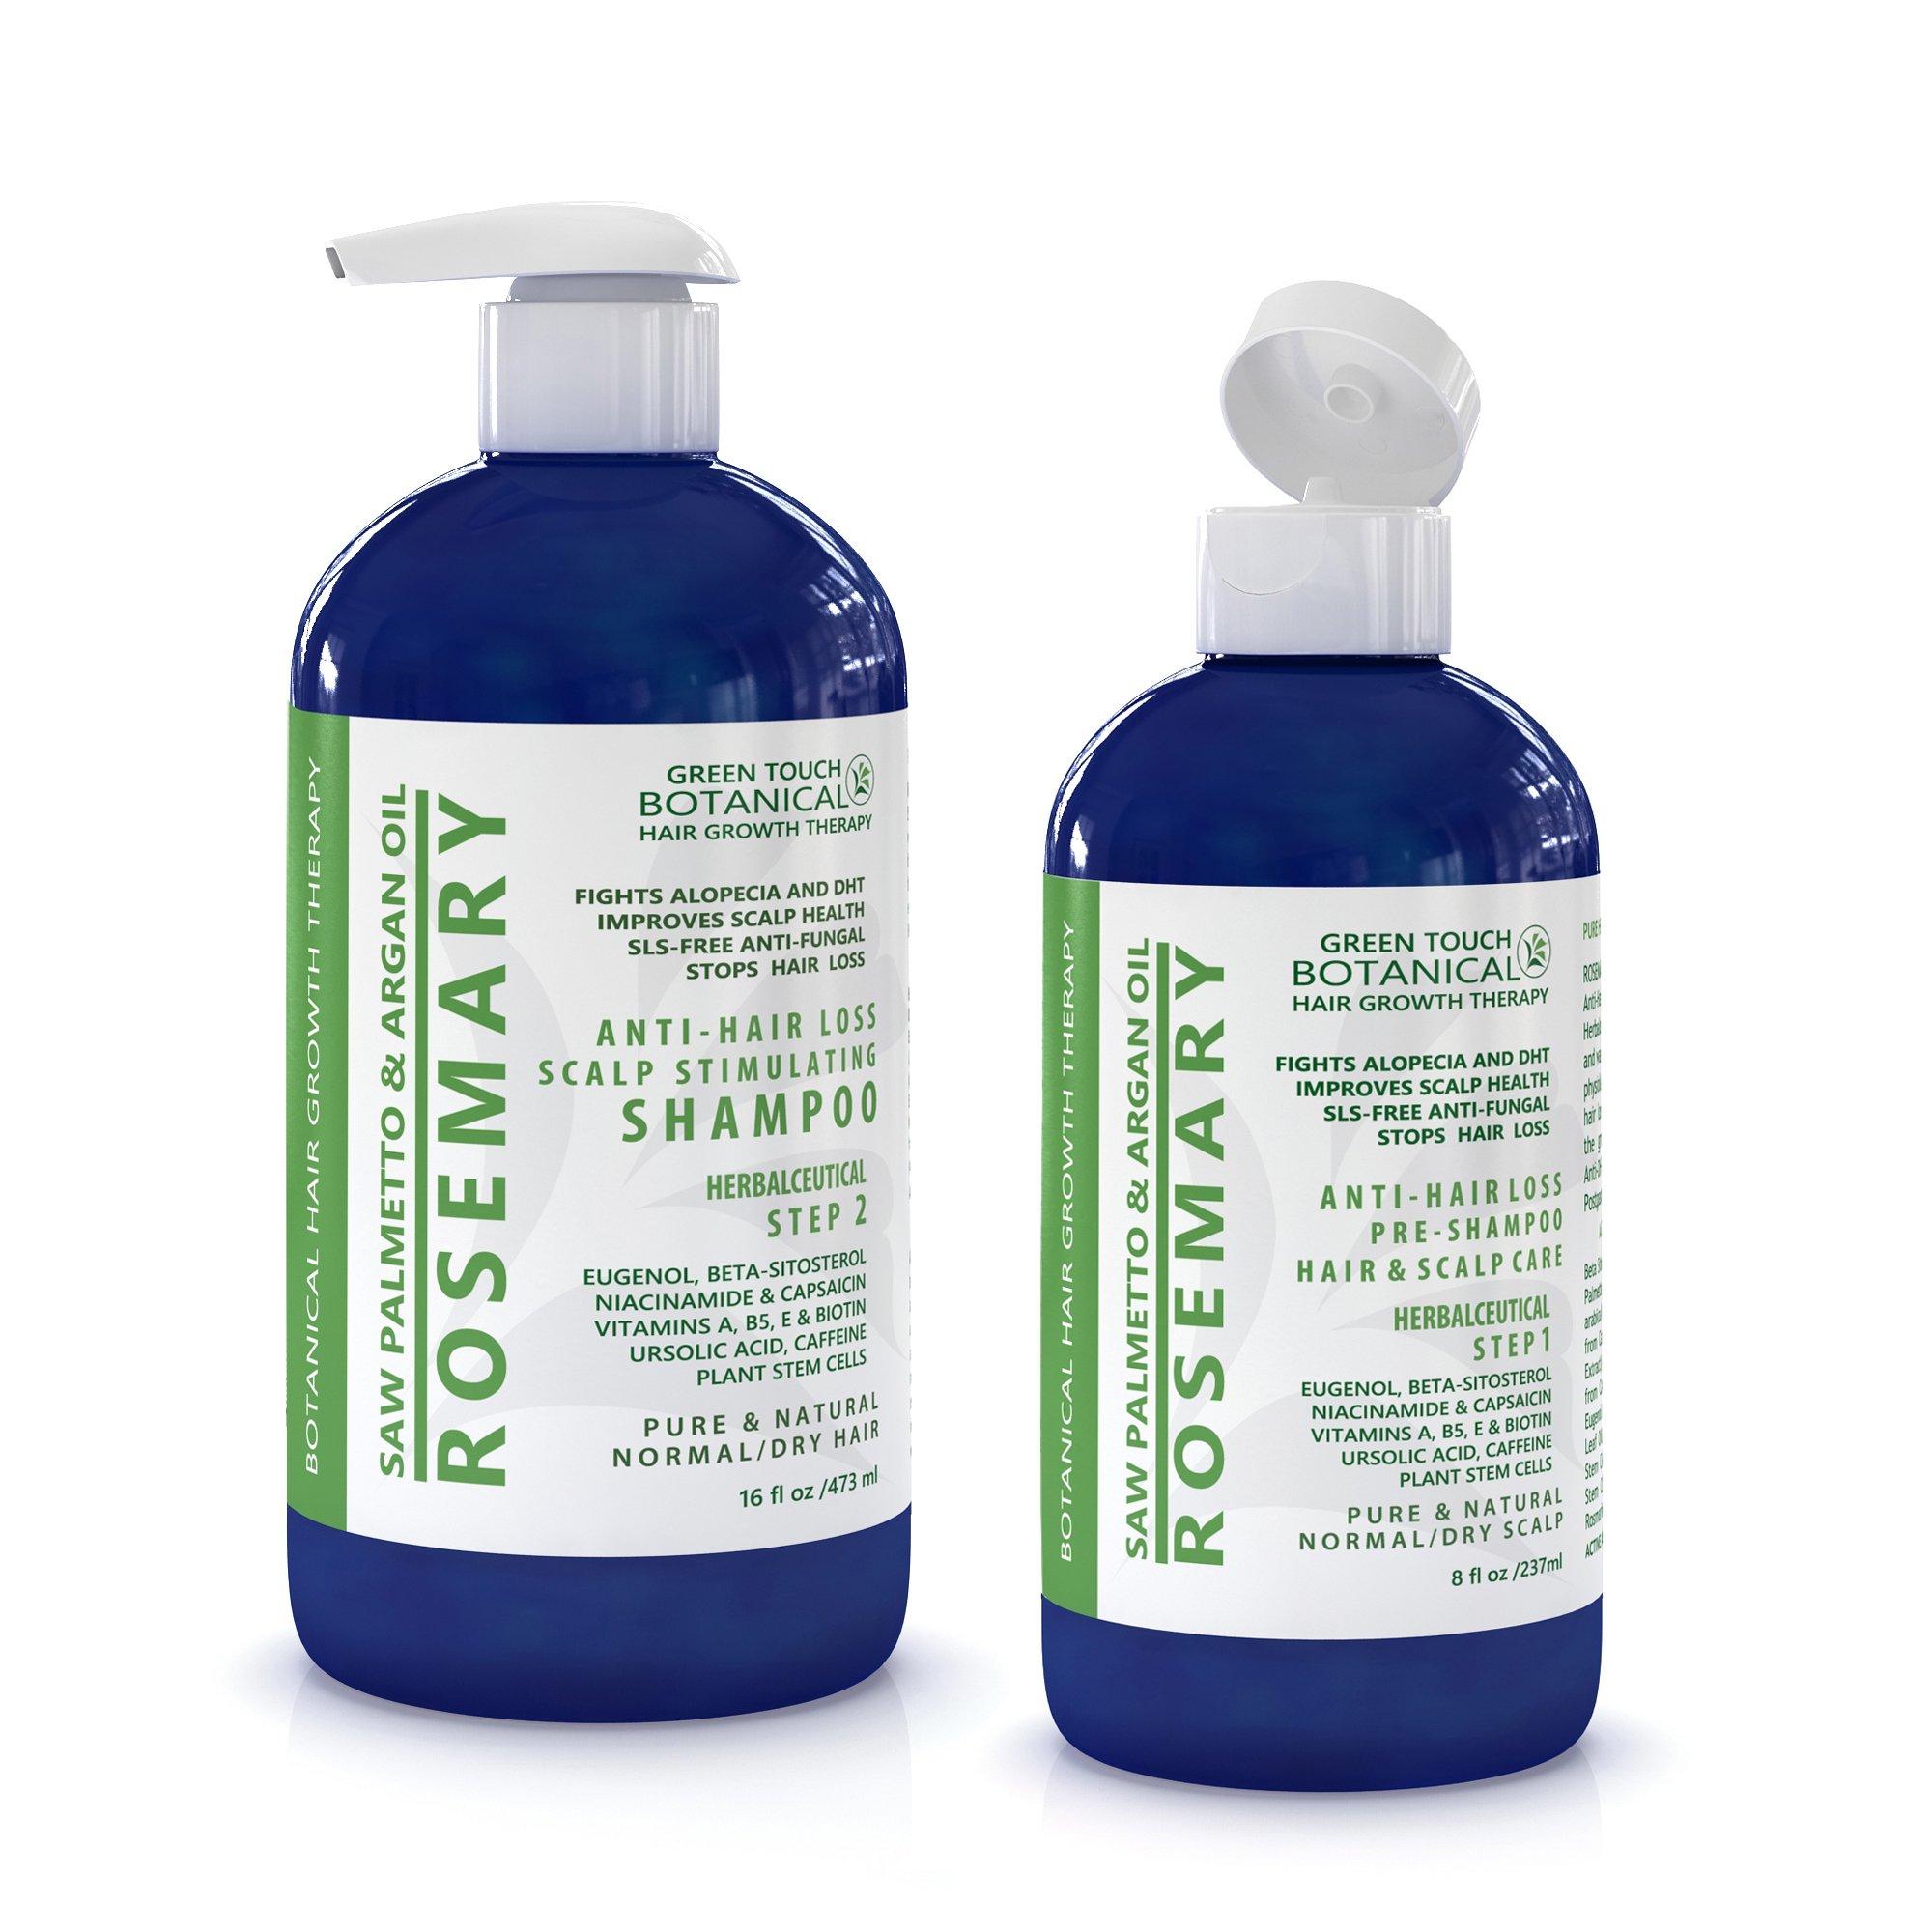 Hair Growth Botanical STEP 1 & 2: Organic Anti Hair Loss Scalp Treatment (8 Fl Oz) and Organic Hair Loss Shampoo Rosemary /Saw Palmetto & Argan Oil For Hair & Scalp (16 Fl Oz)